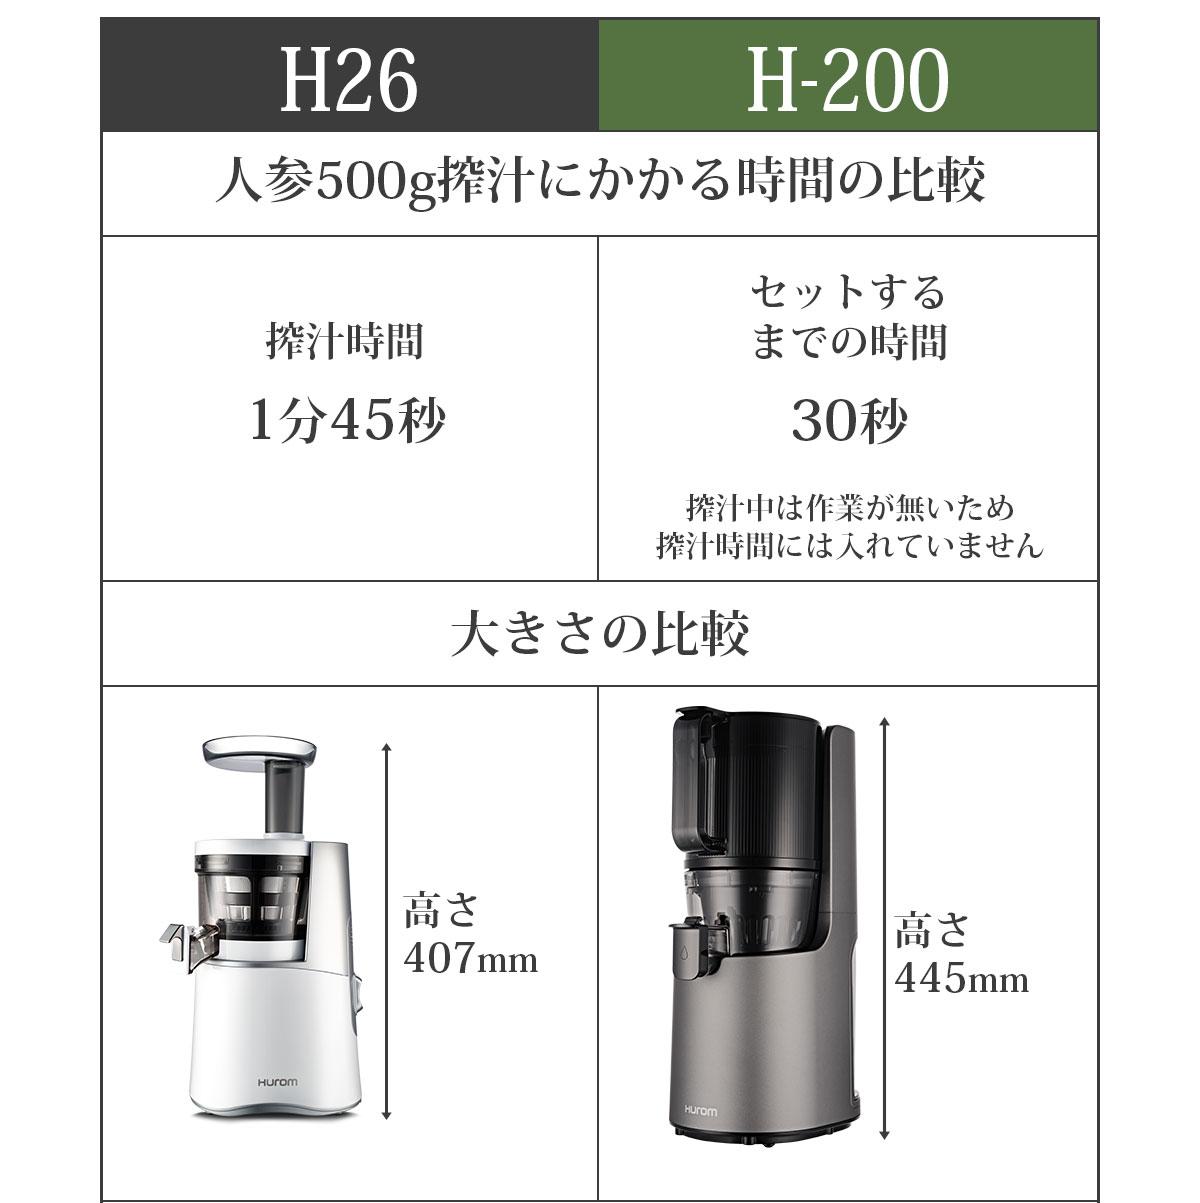 搾汁にかかる時間比較、大きさ比較